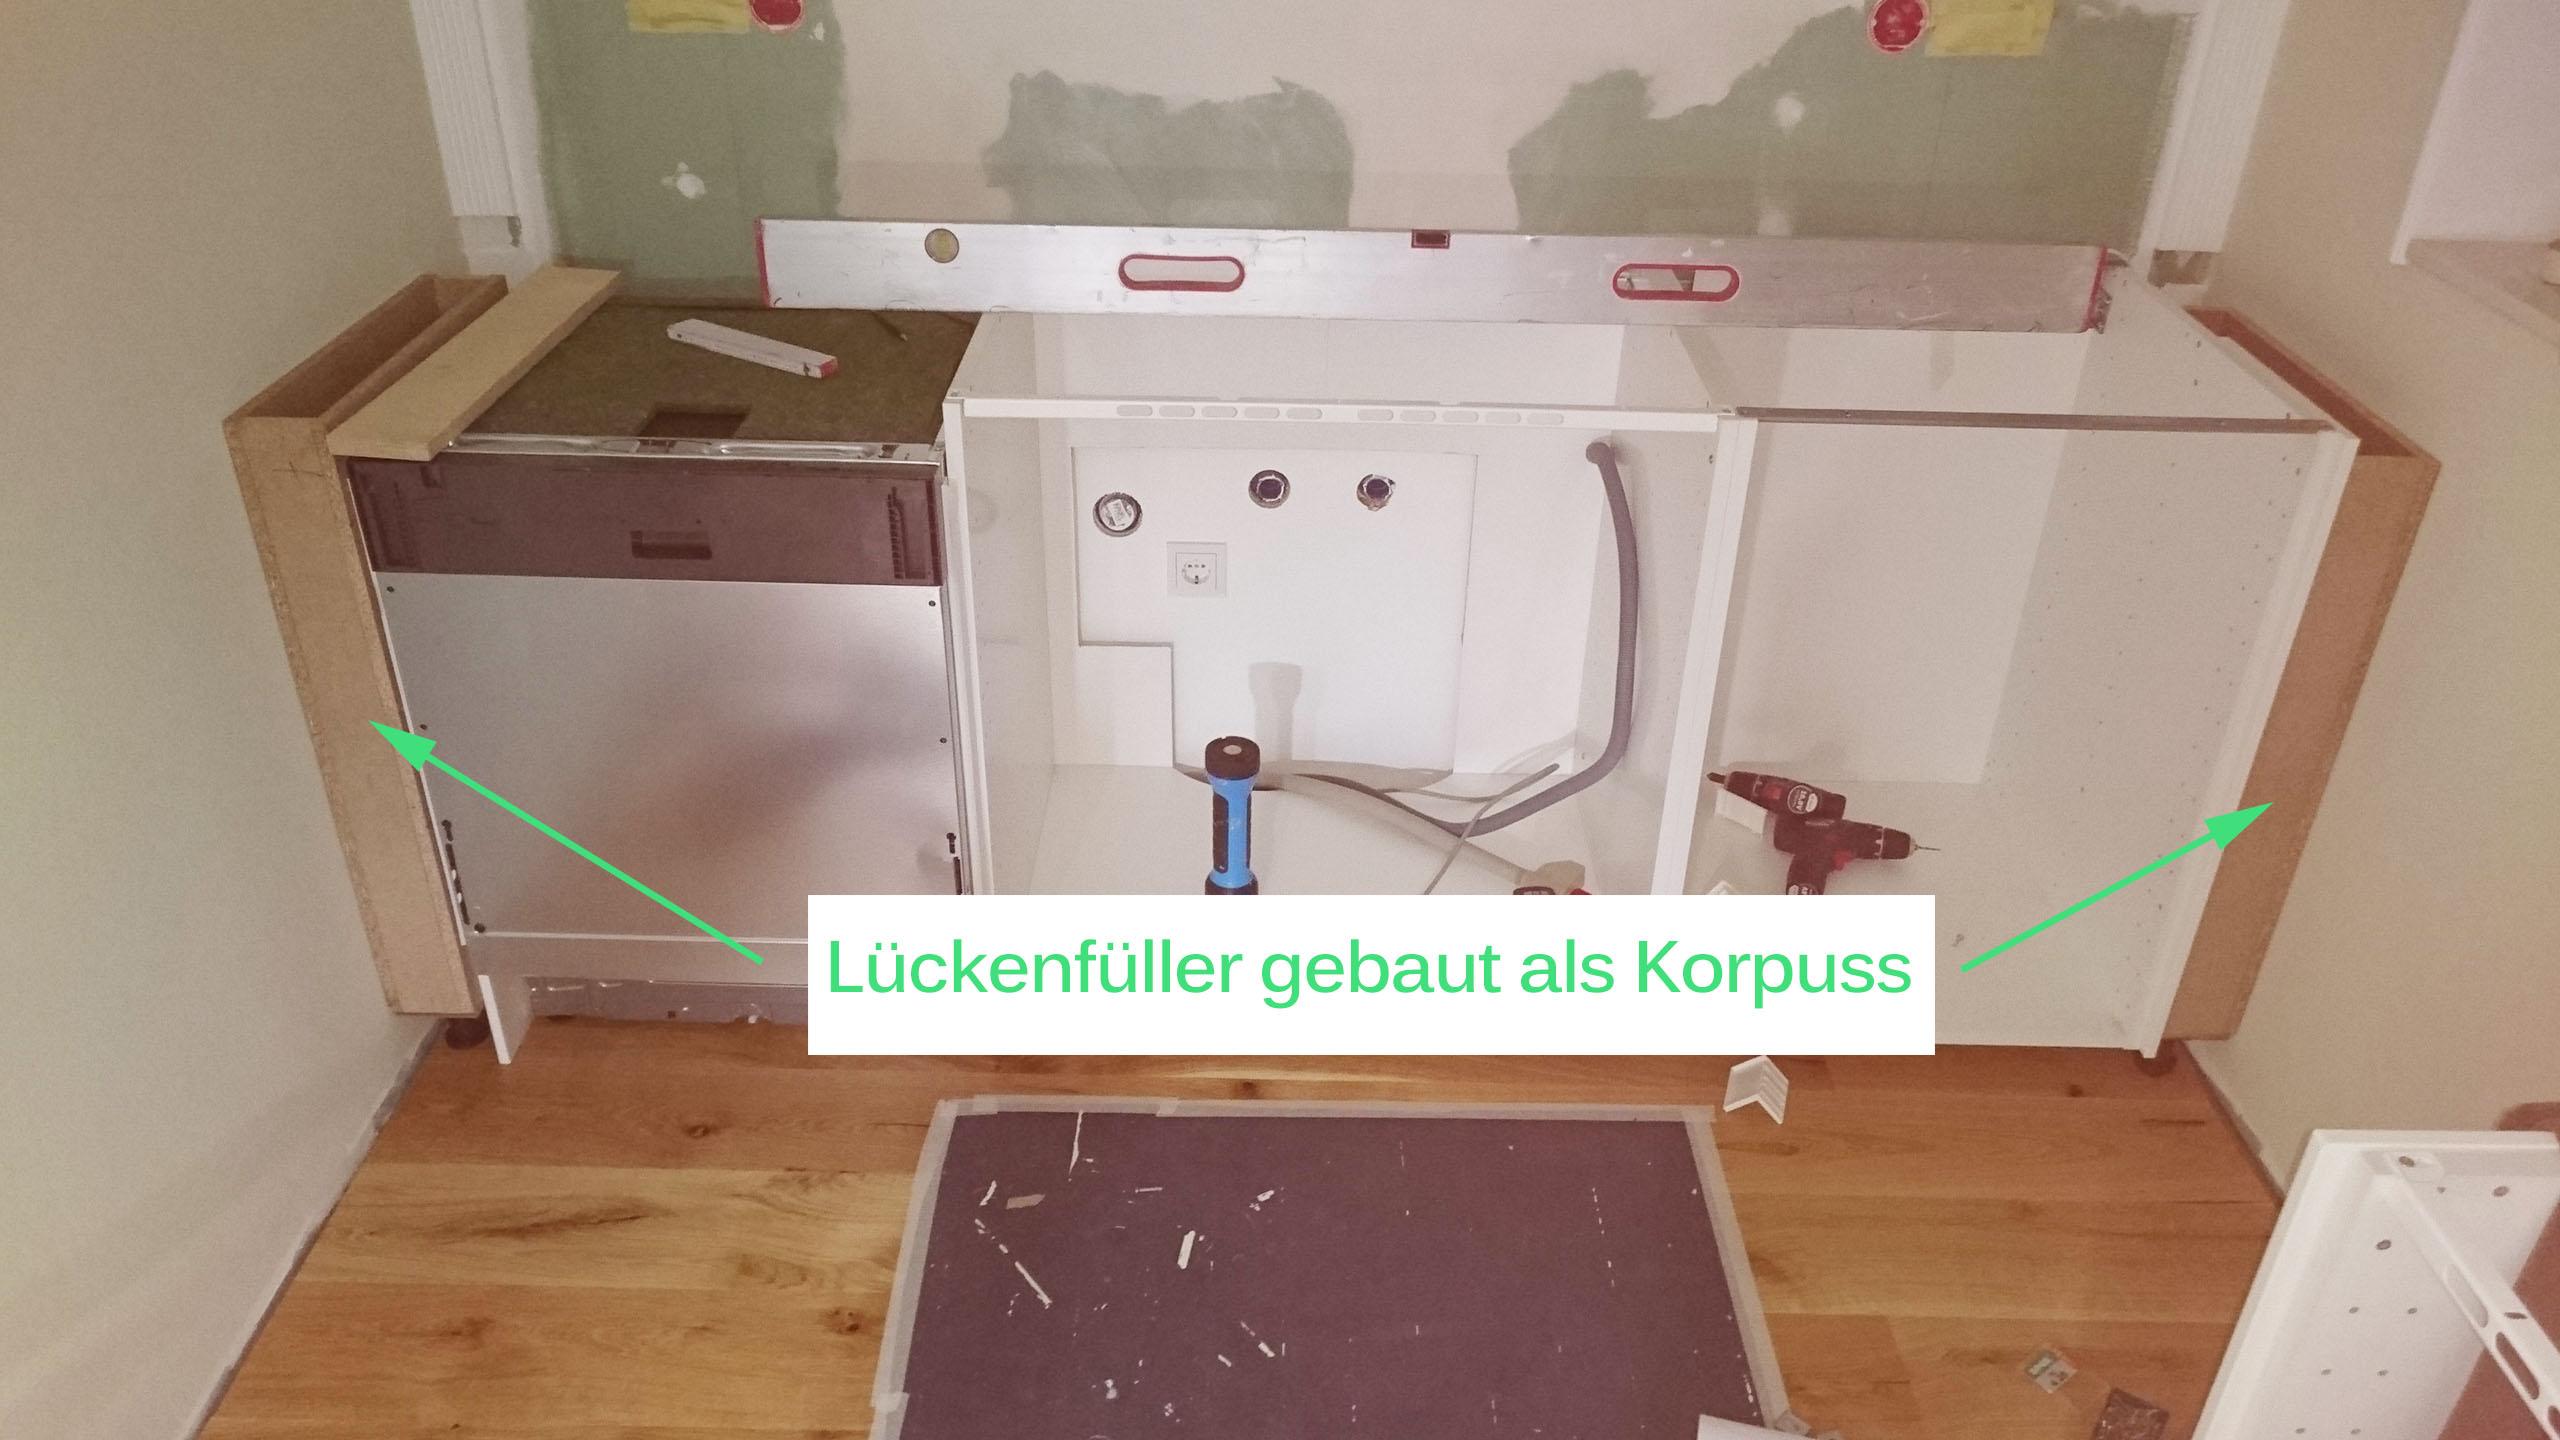 Full Size of Rückwand Küche Ikea Nobilia Wasserhahn Für Scheibengardinen L Mit Kochinsel Weiß Matt Industrie Günstig Elektrogeräten Lüftung Kaufen Klapptisch Form Wohnzimmer Rückwand Küche Ikea